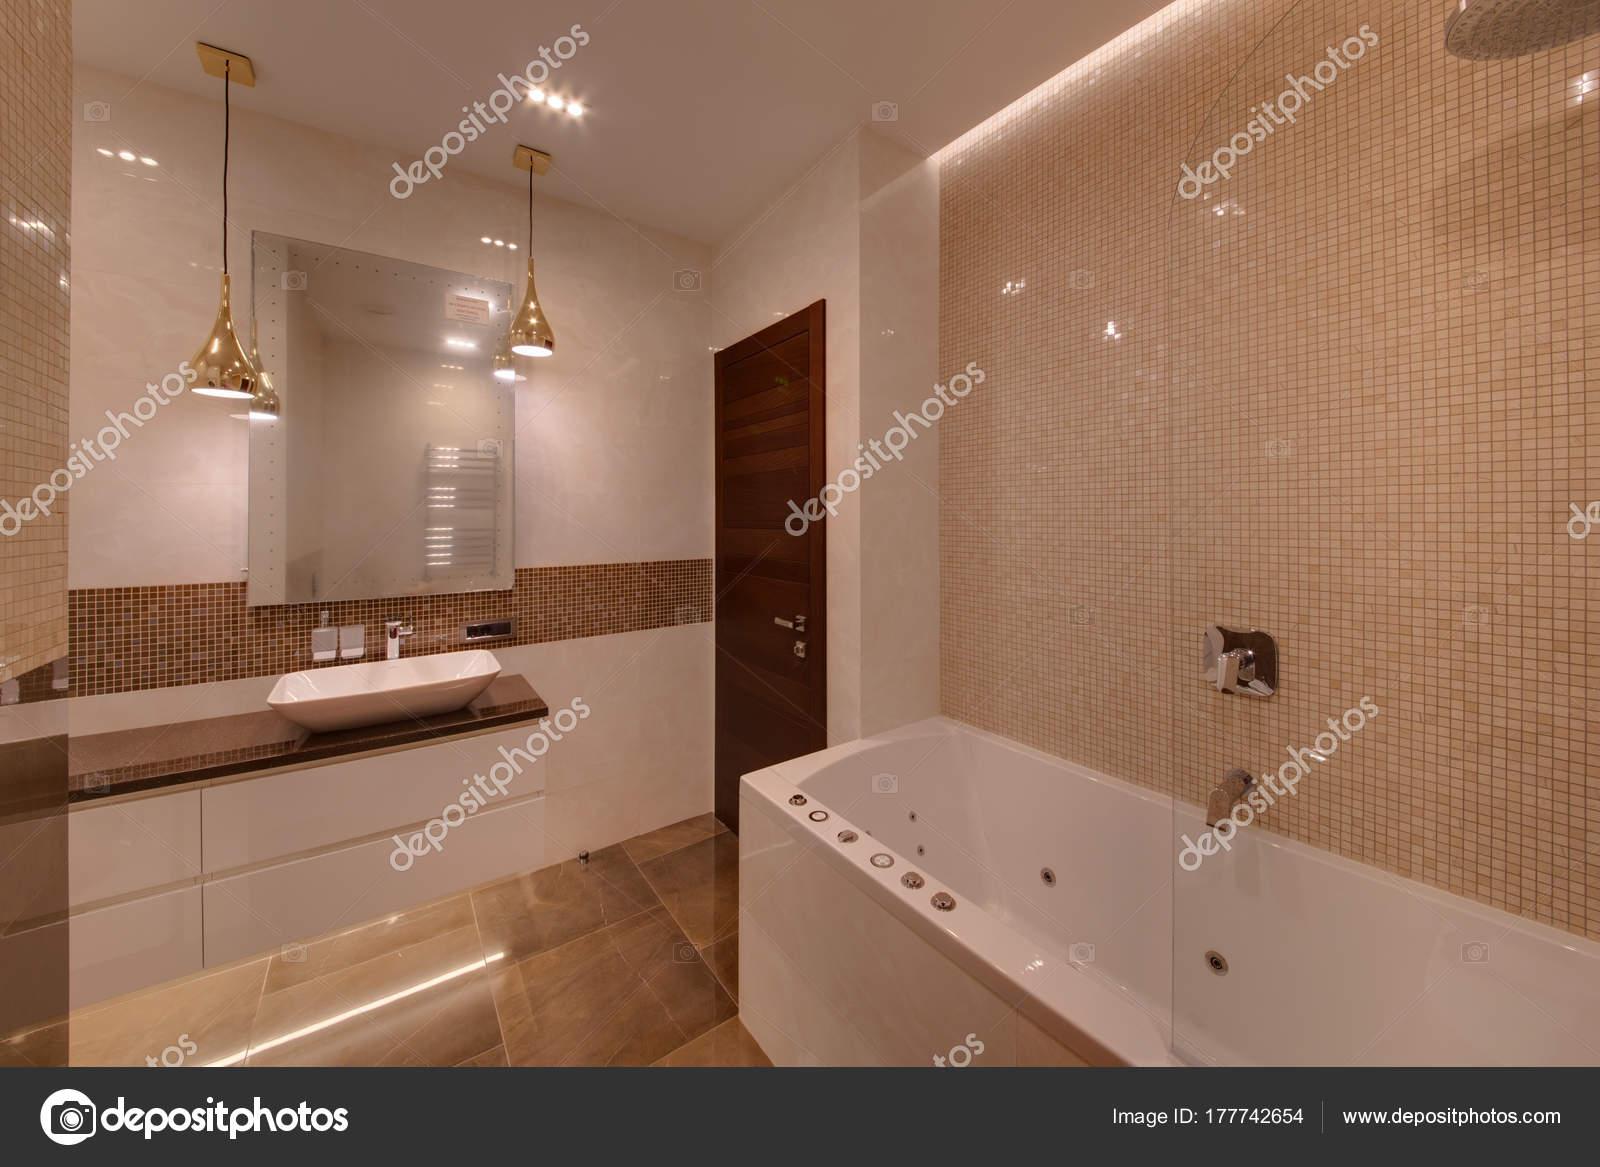 Badkamer Lichte Tegels : Een badkamer een kleine tegel met lichte vloeren van marmer